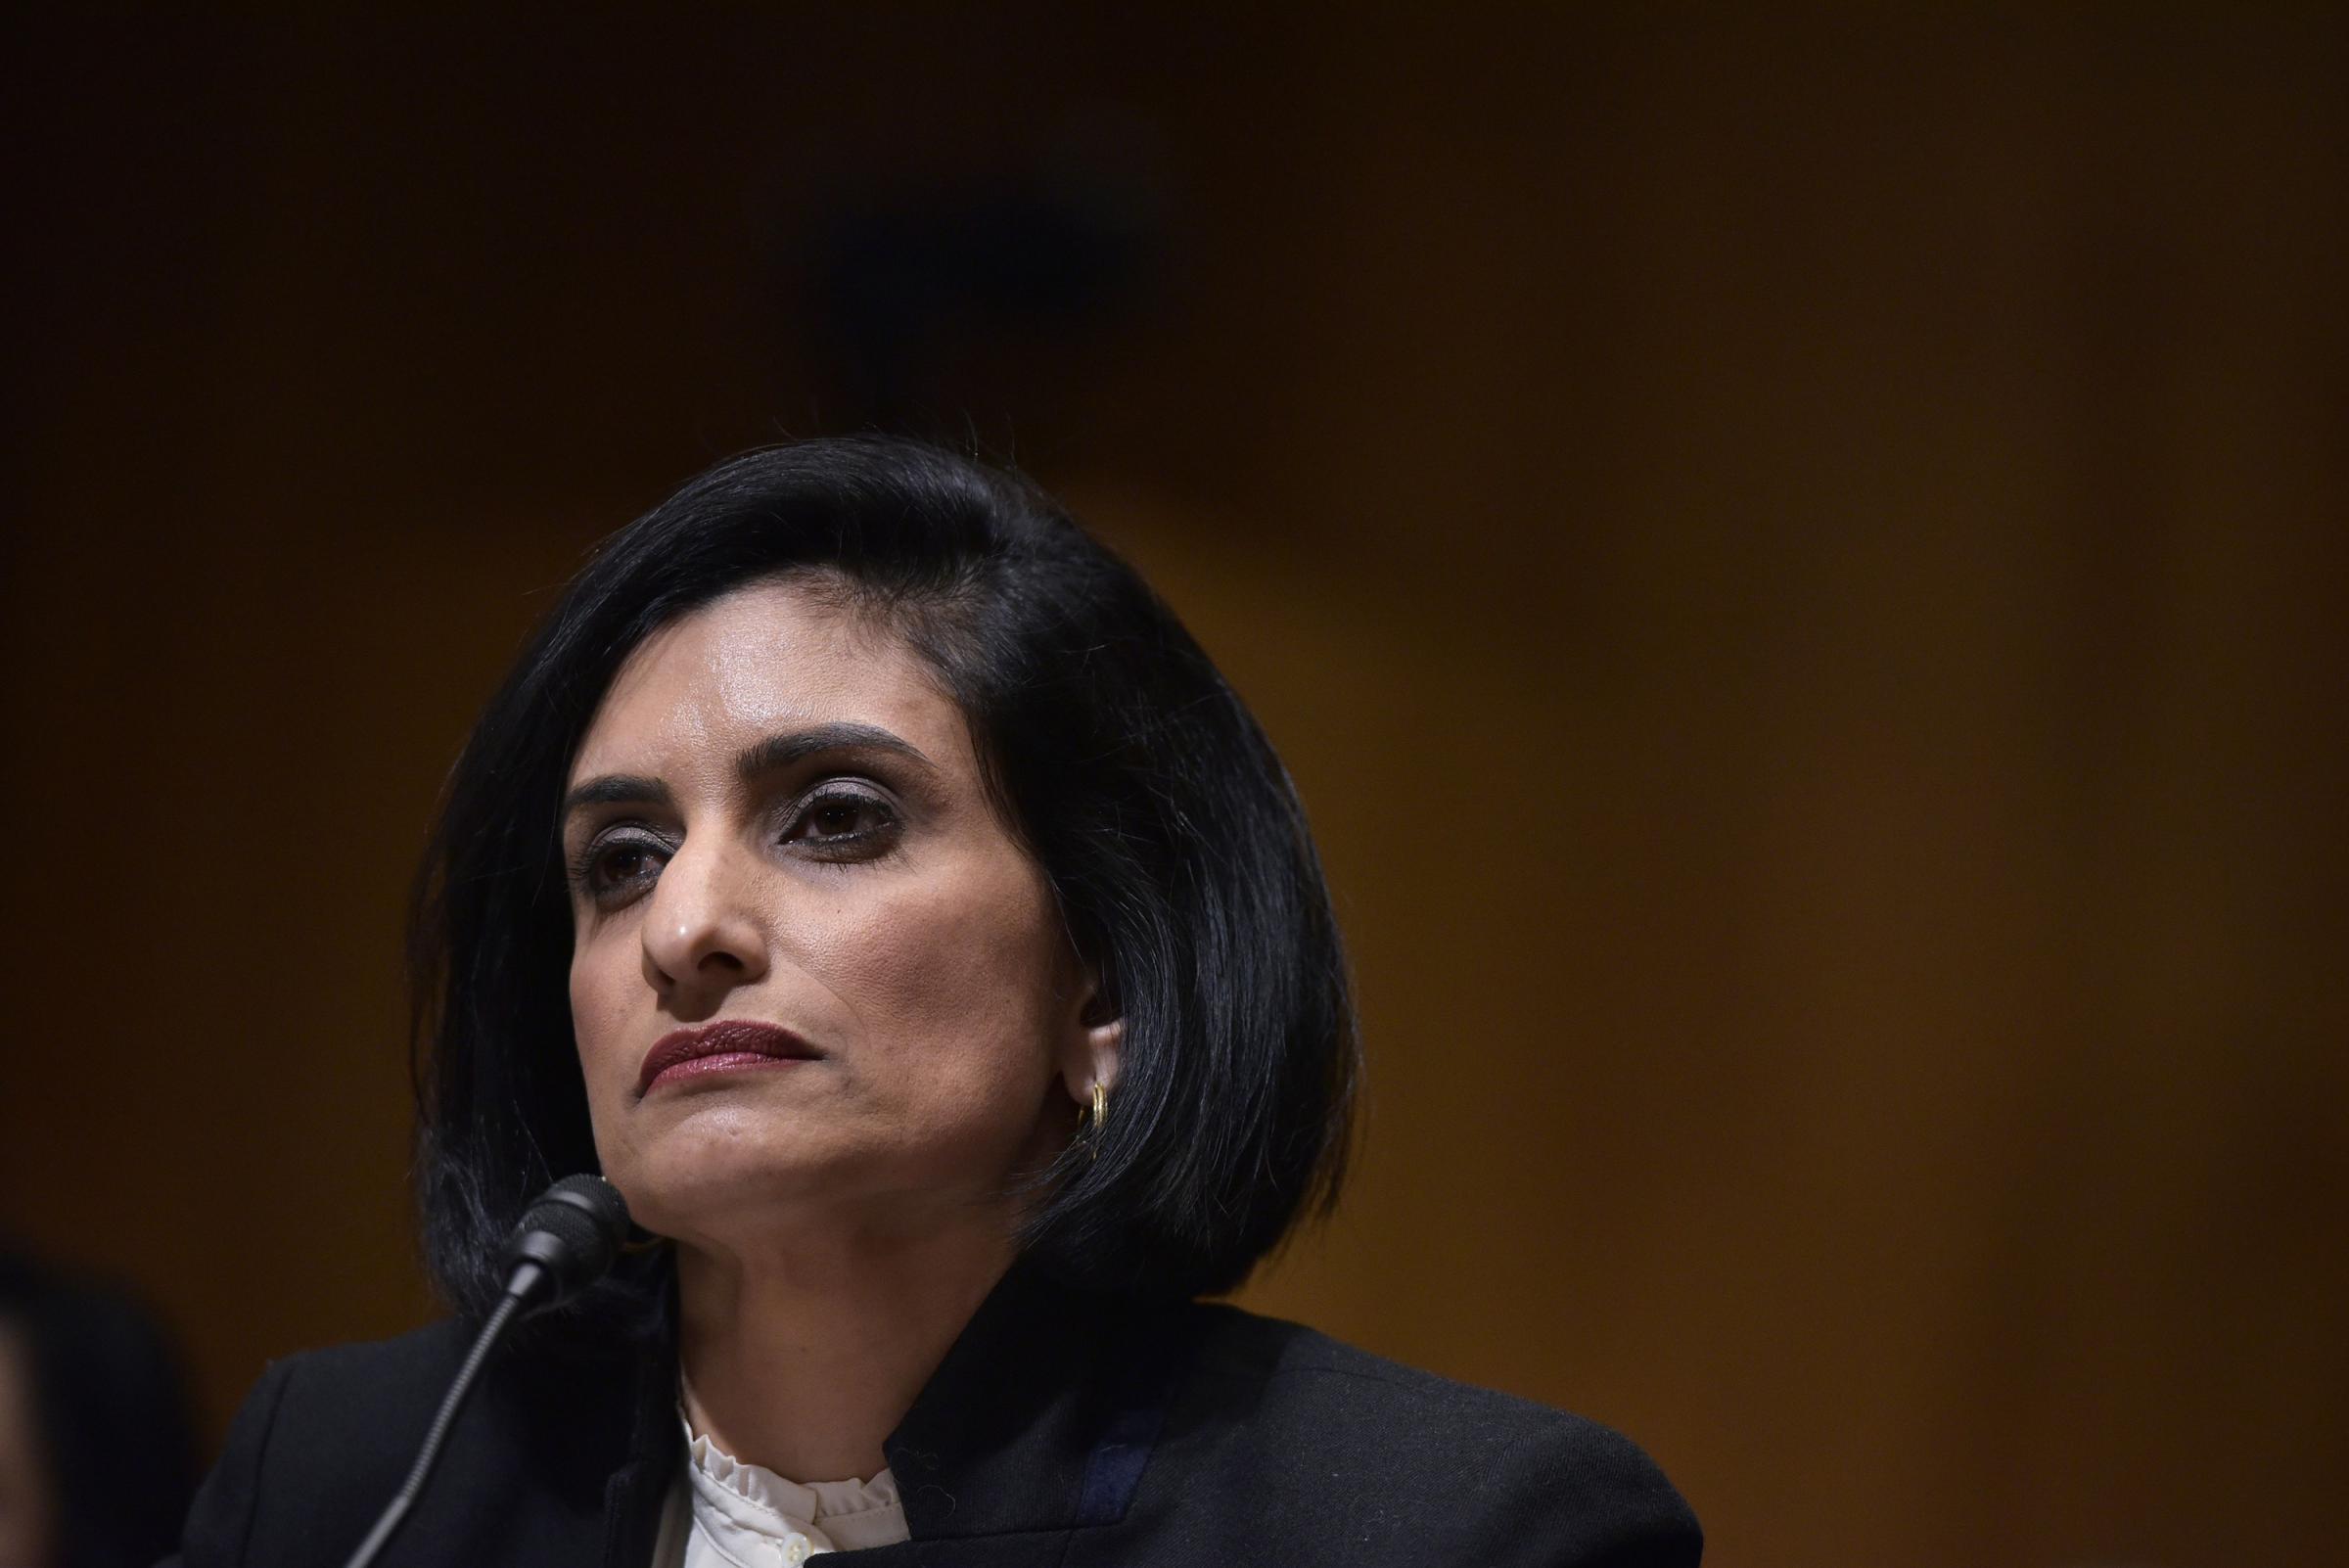 Stitt, Trump administration officials unveil Medicaid block grant plan